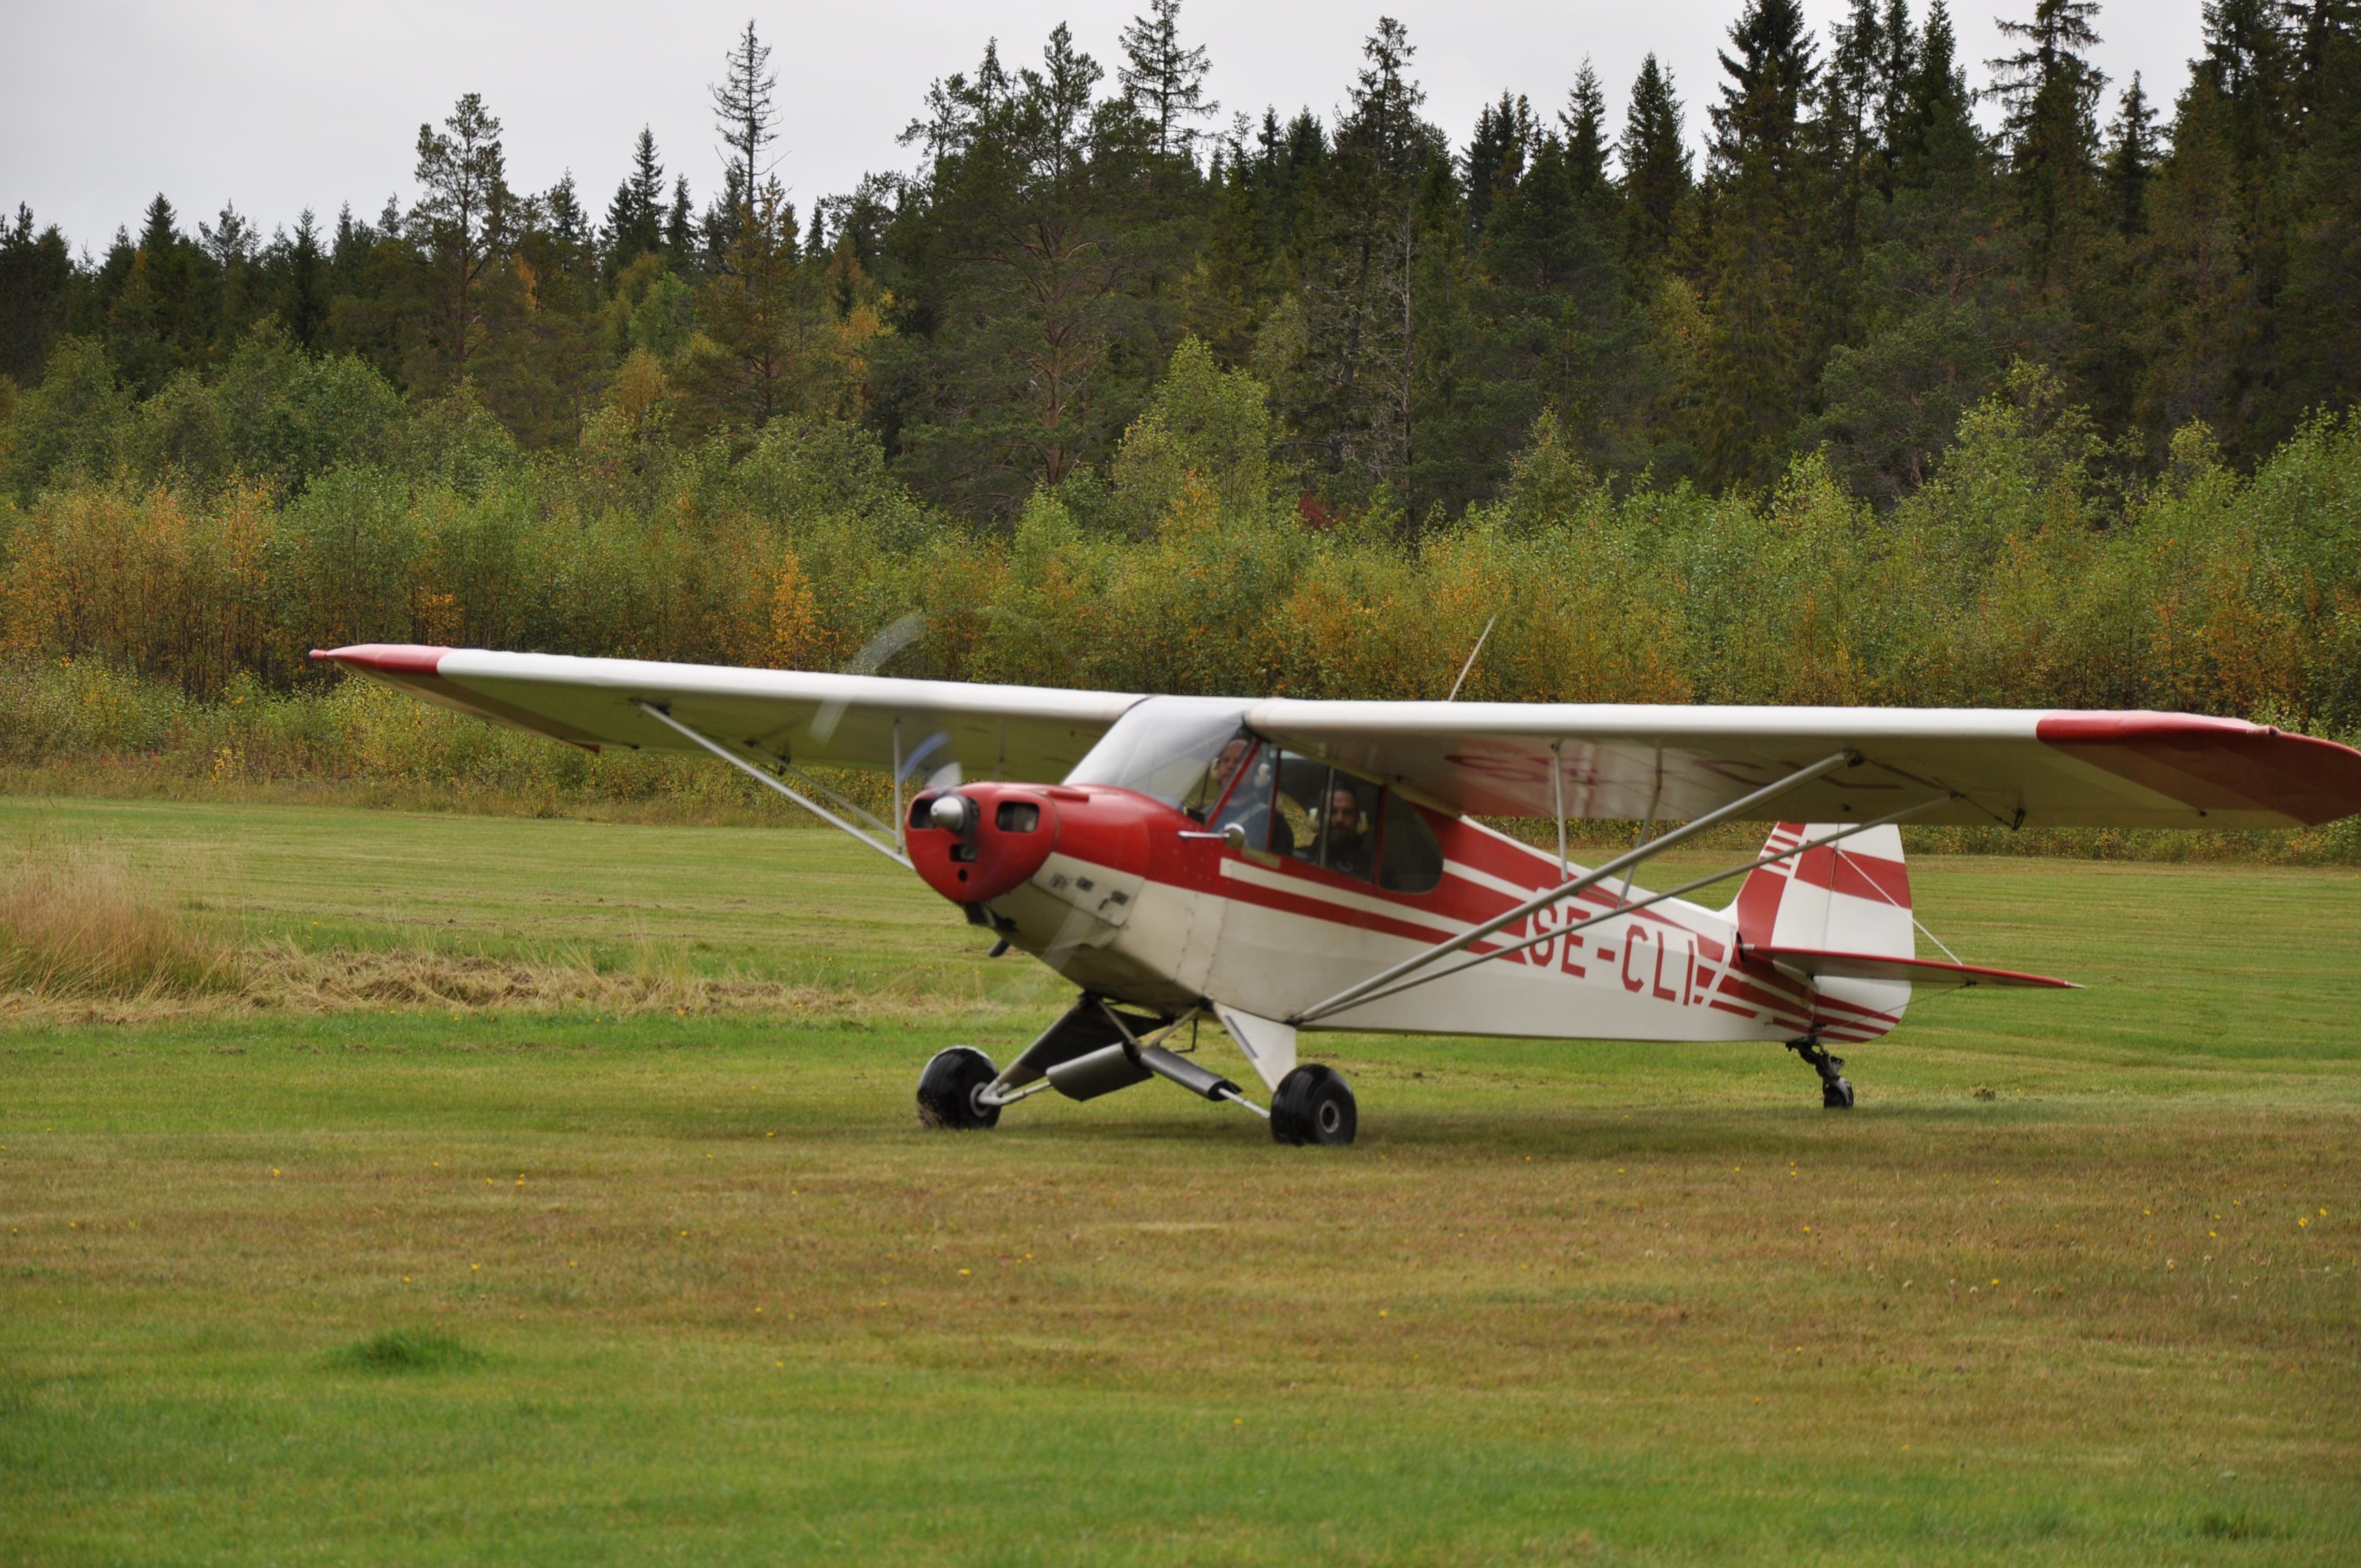 Flygdag på Ånge flygfält Foto: Christer Klemming